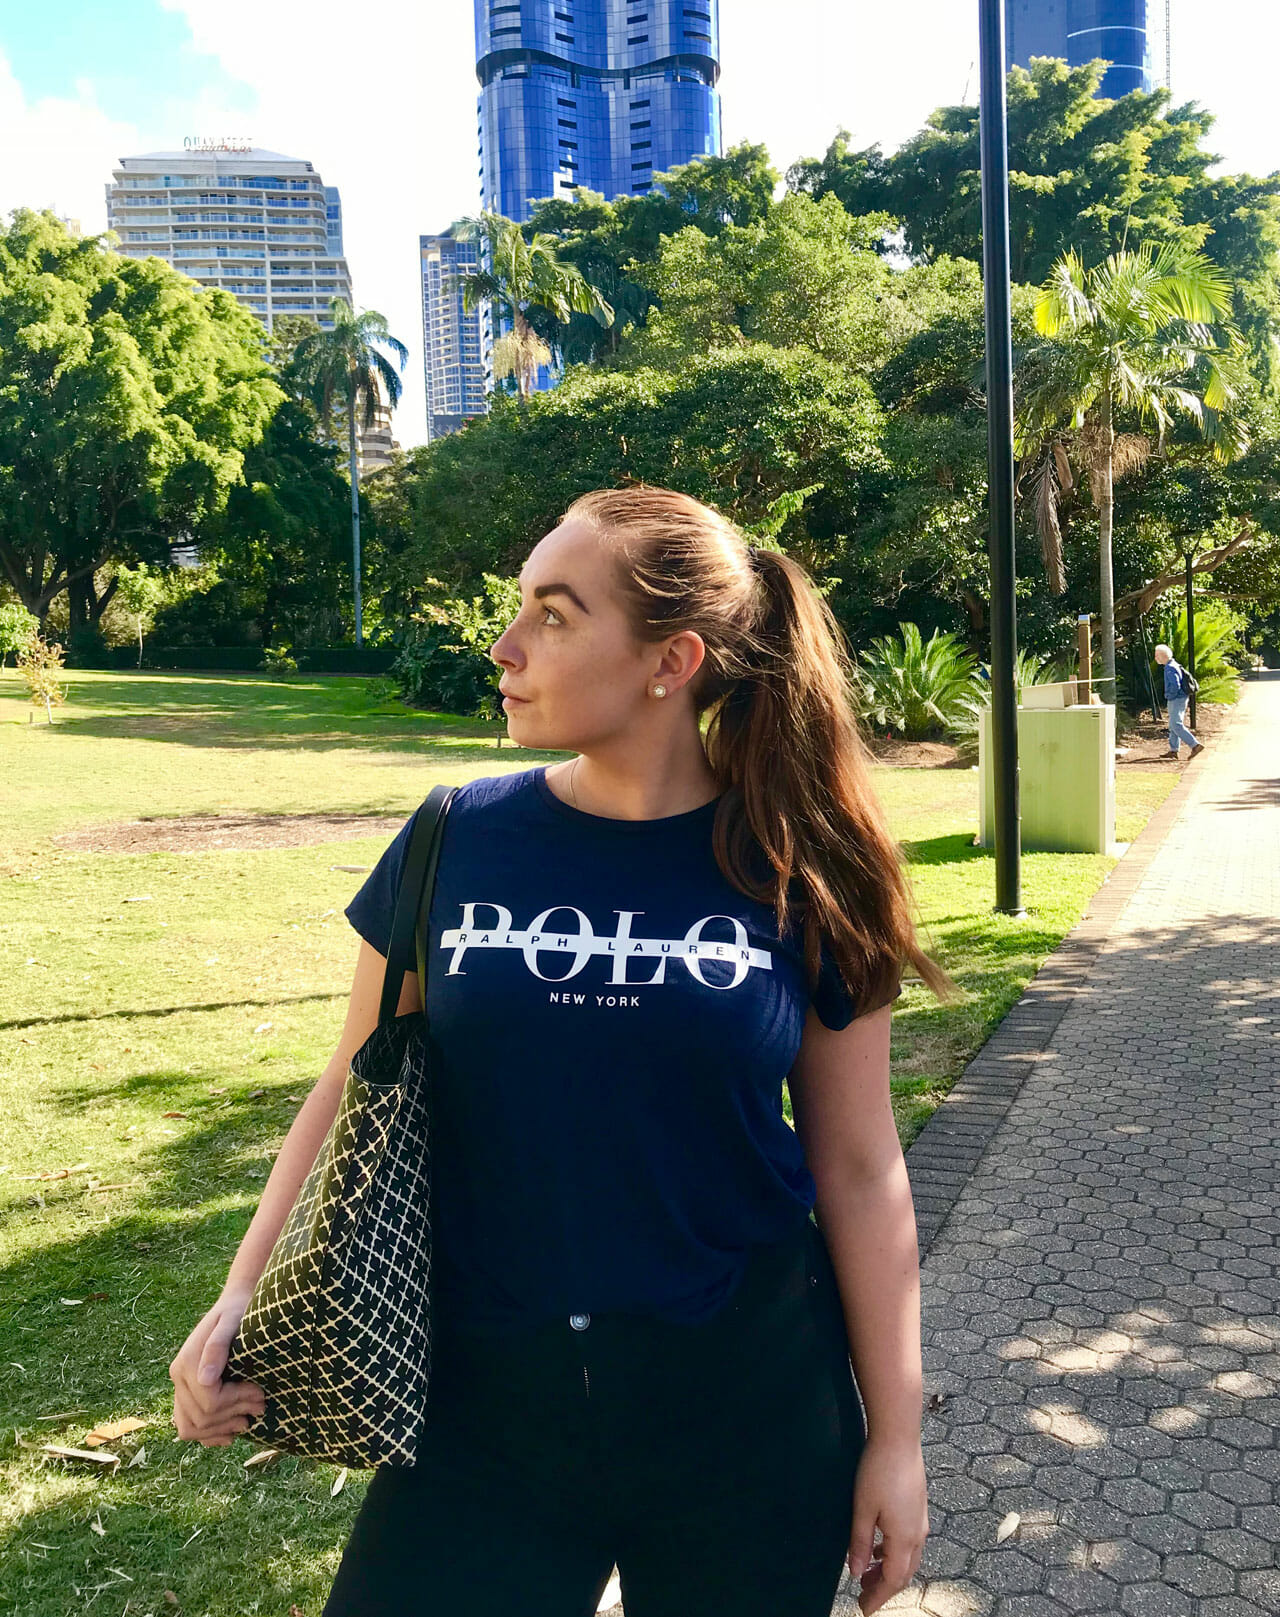 student tafe queensland australien